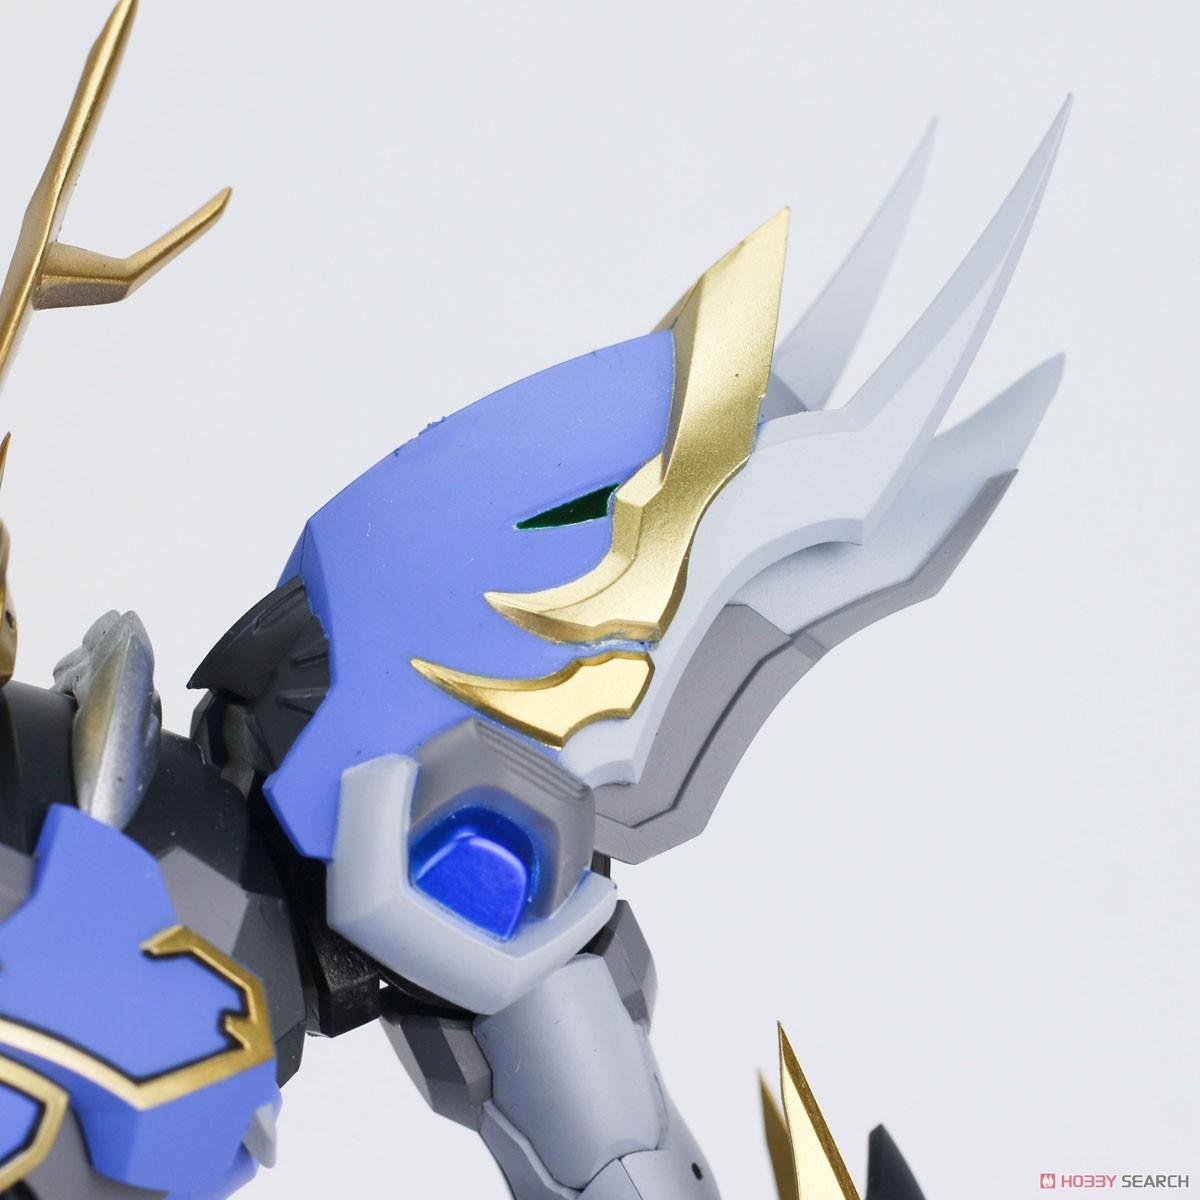 三国猛将シリーズ『趙雲子龍』可動フィギュア-016